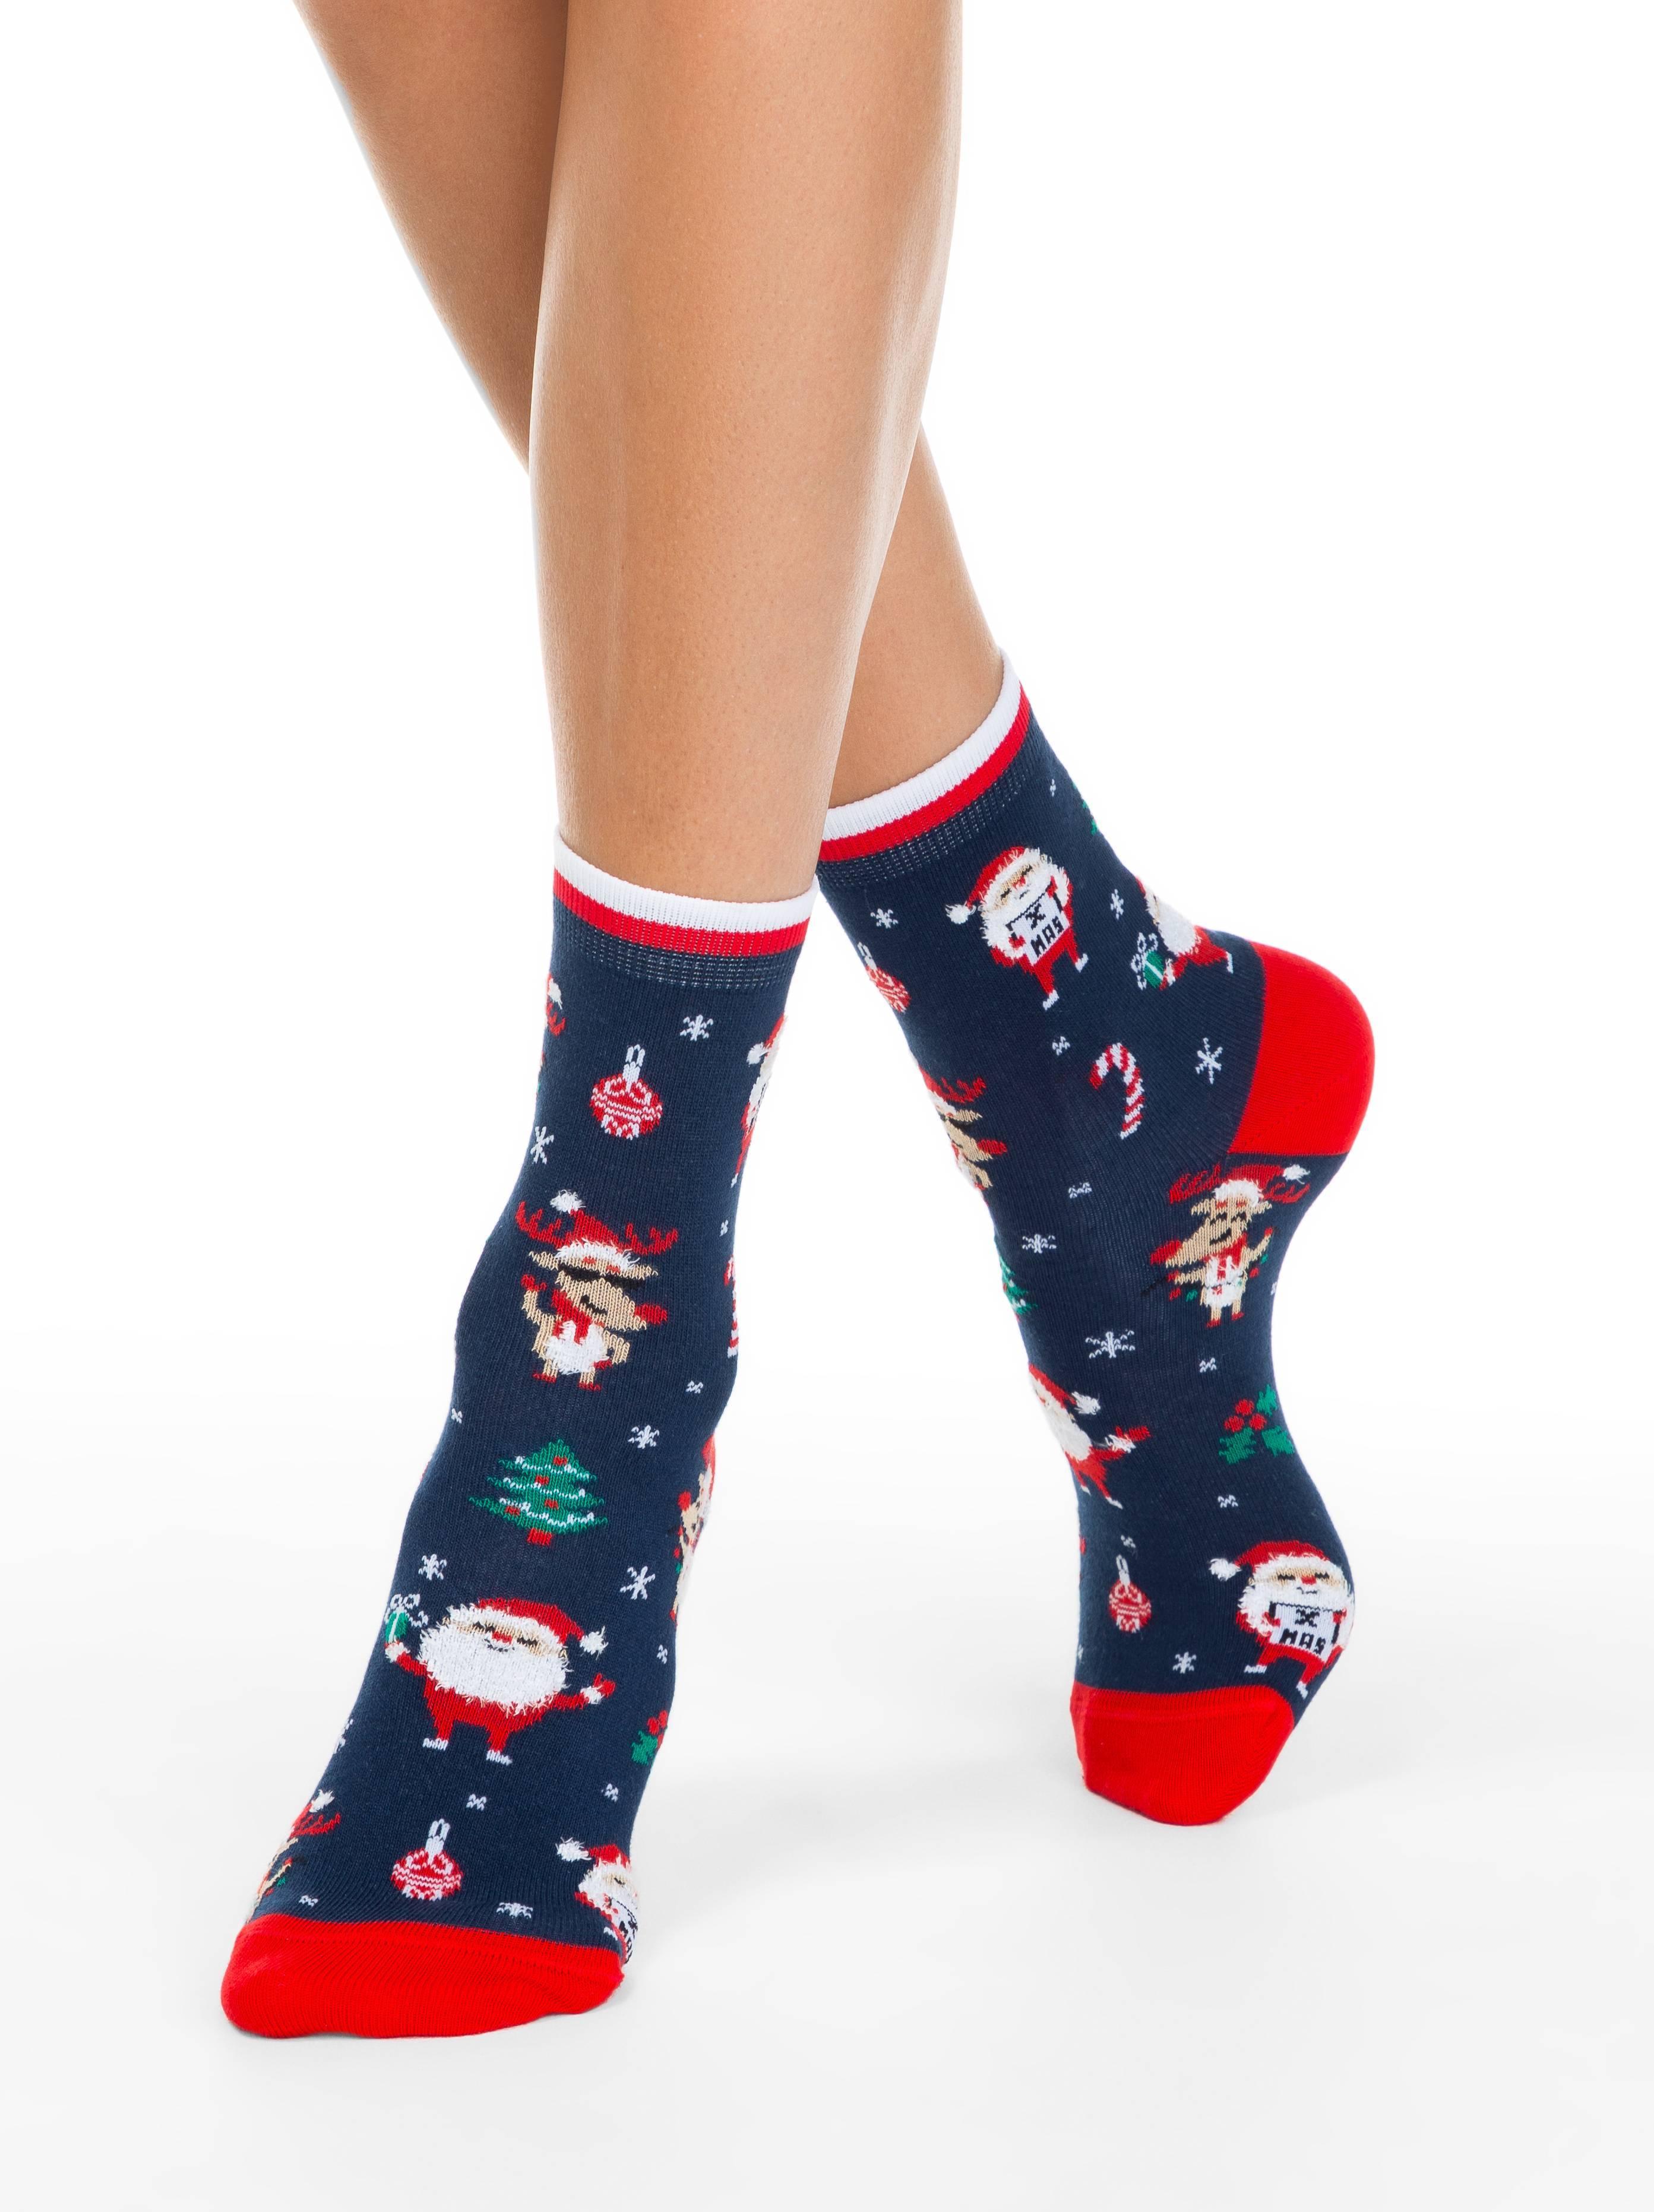 Носки женские ⭐️ Женские новогодние носки с пушистой нитью «Holiday» ⭐️